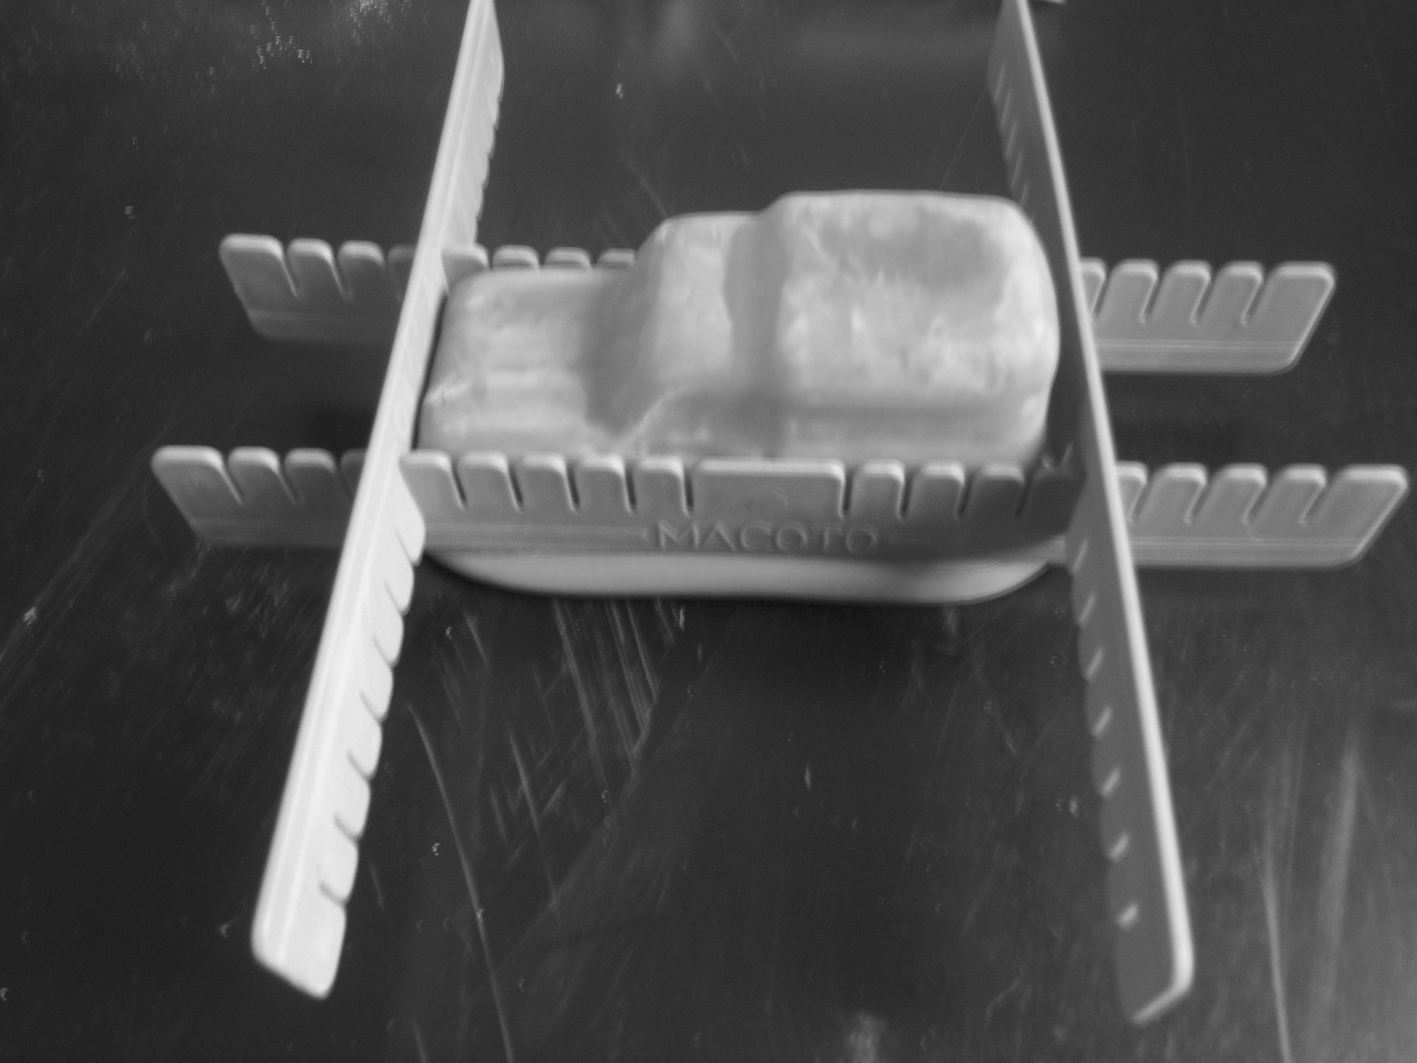 Voiture en plâtre Macoto : mise en place des croisillons pour rigidifier le moule